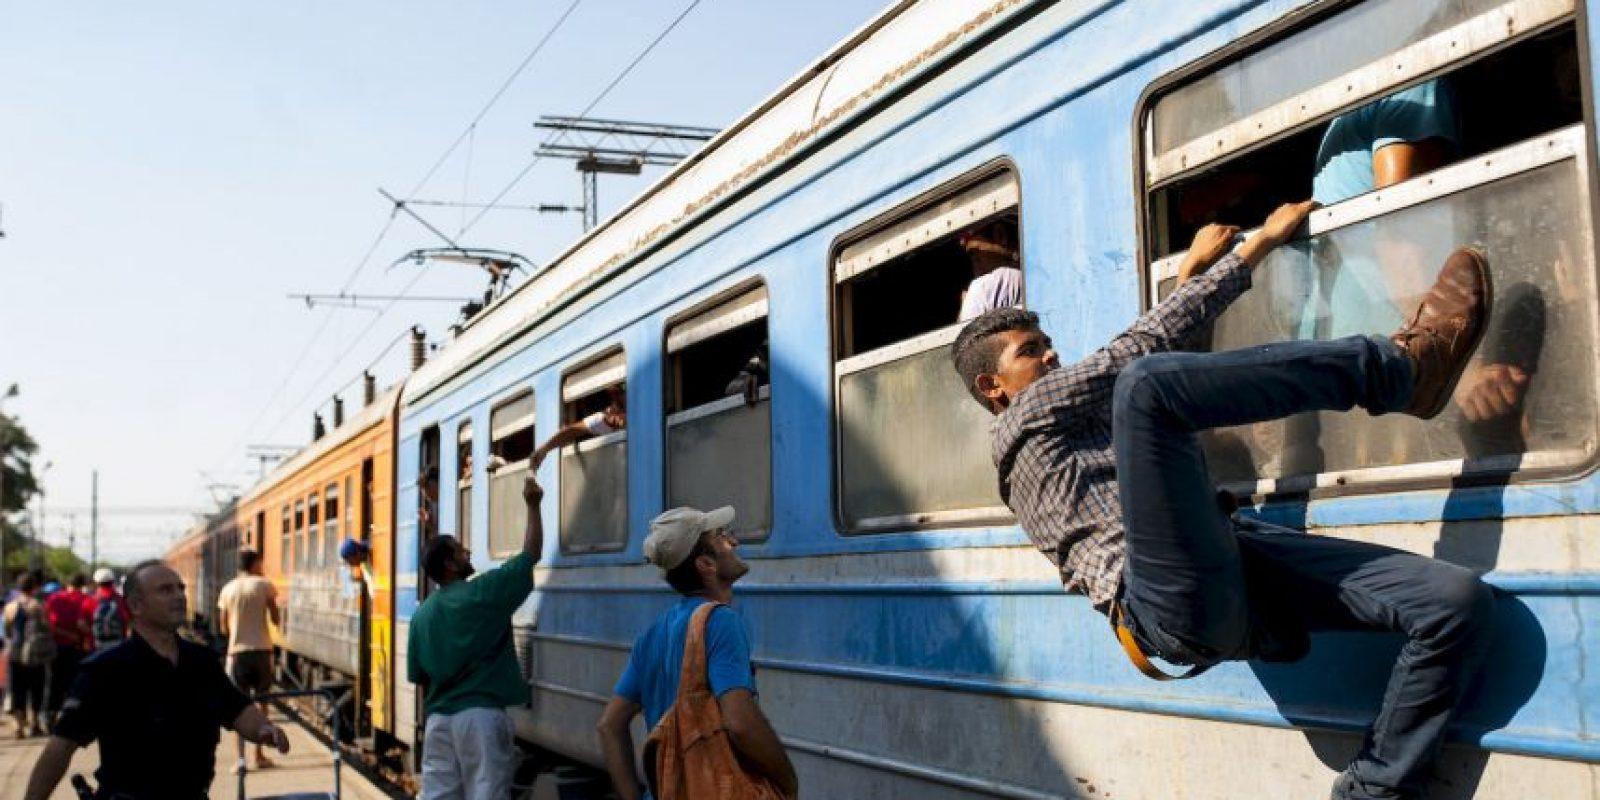 Migrantes en Serbia que tratan de llegar a la Unión Europea a través de Hungría. Foto:AFP